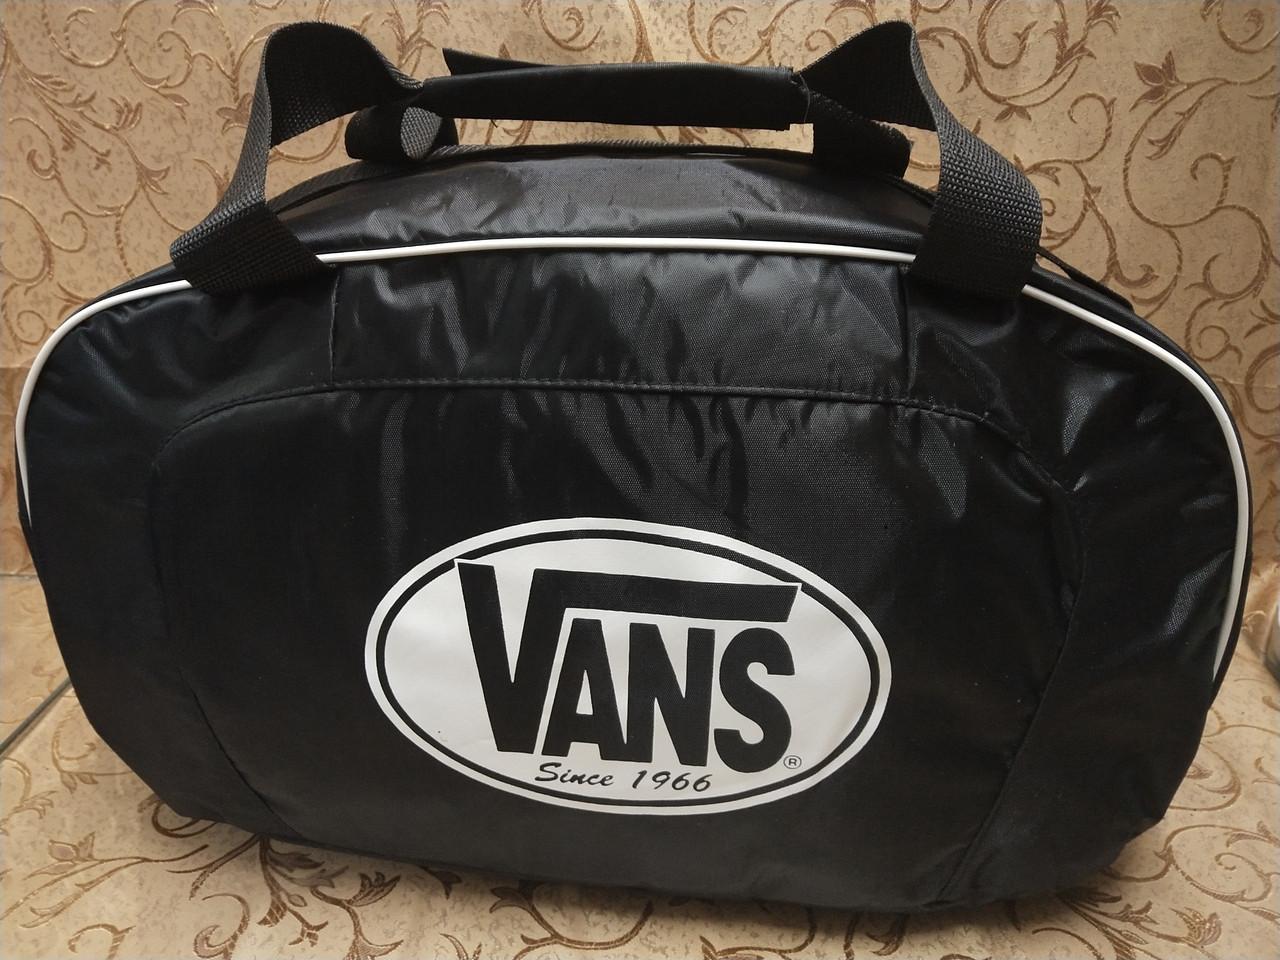 Спортивная дорожная сумка vans Полиэстер ткань только оптом